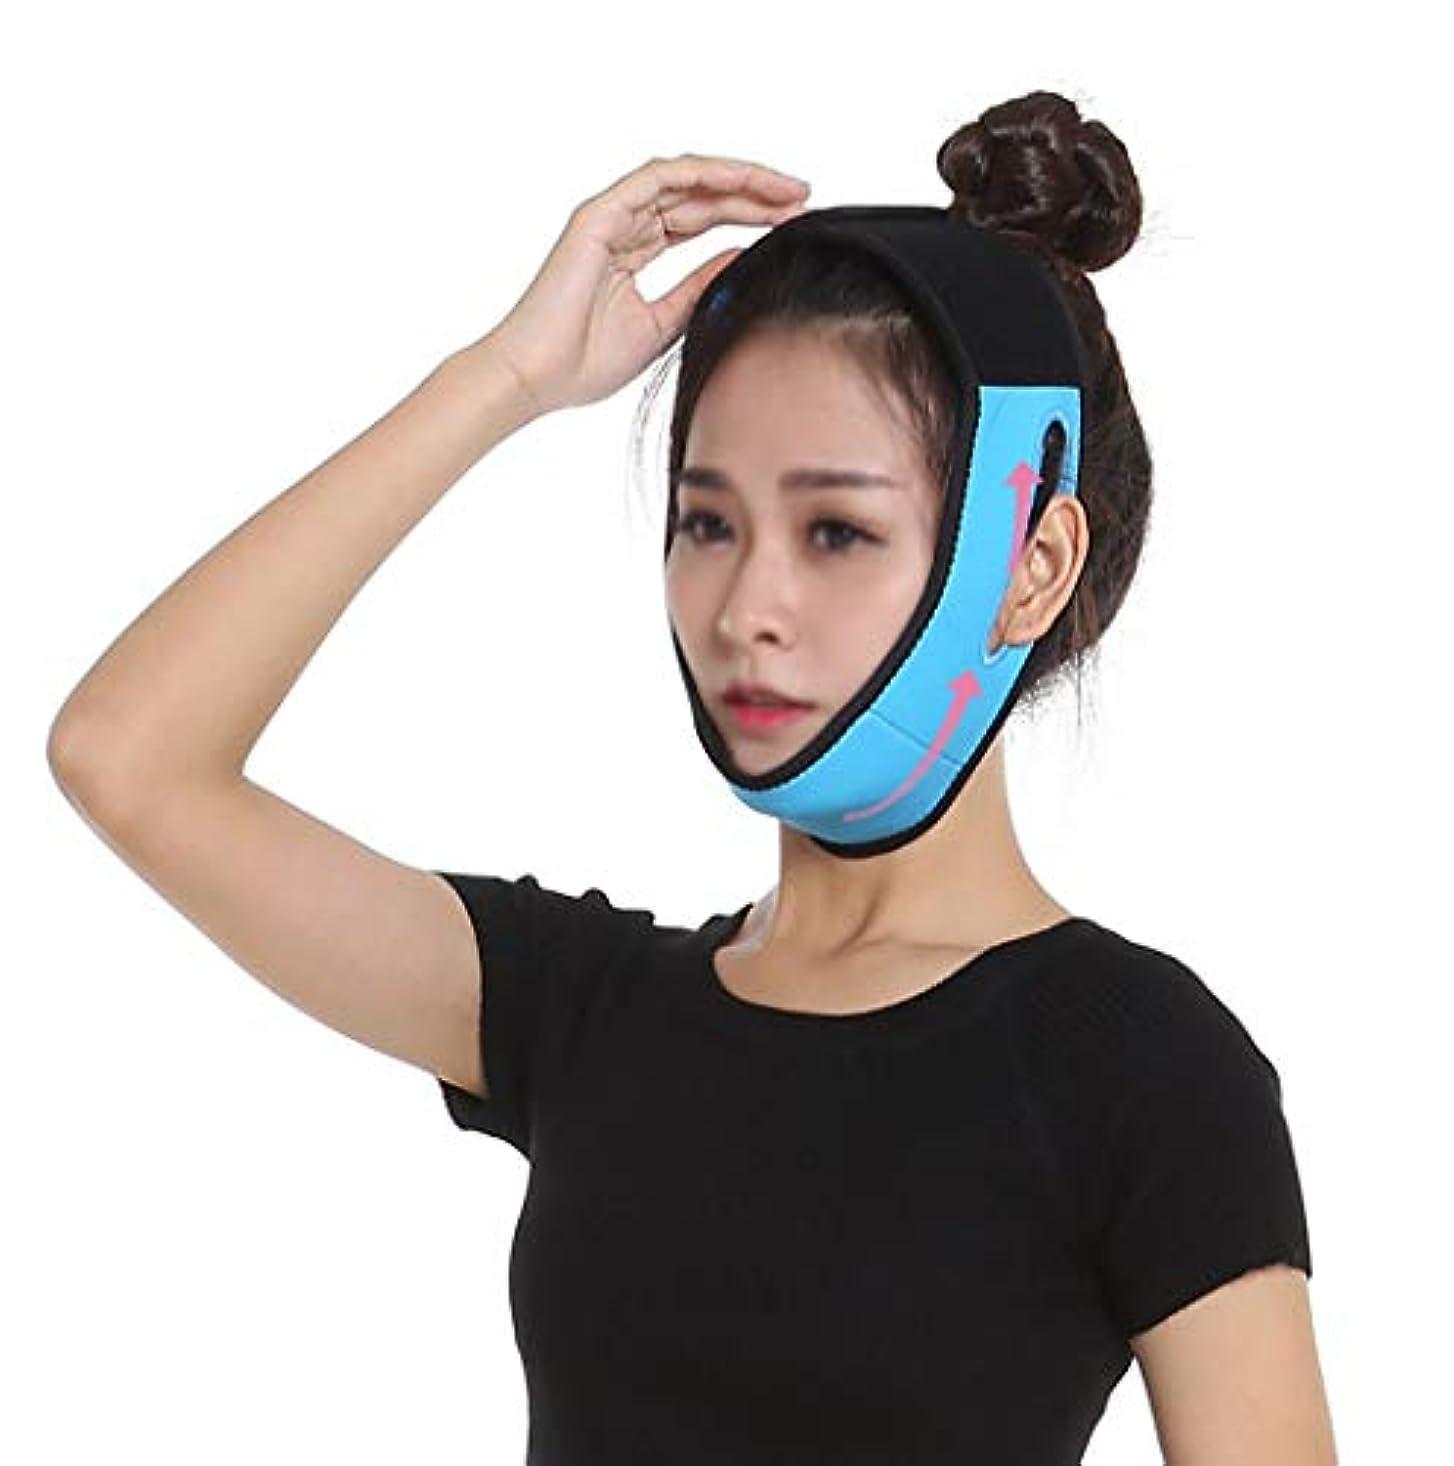 XHLMRMJ 痩身ベルト、あごの筋肉の収縮を強化するフェイスマスクVフェイスアーティファクトマッサージマスク簡単にVフェイスリフトタイトブルー包帯を形作る